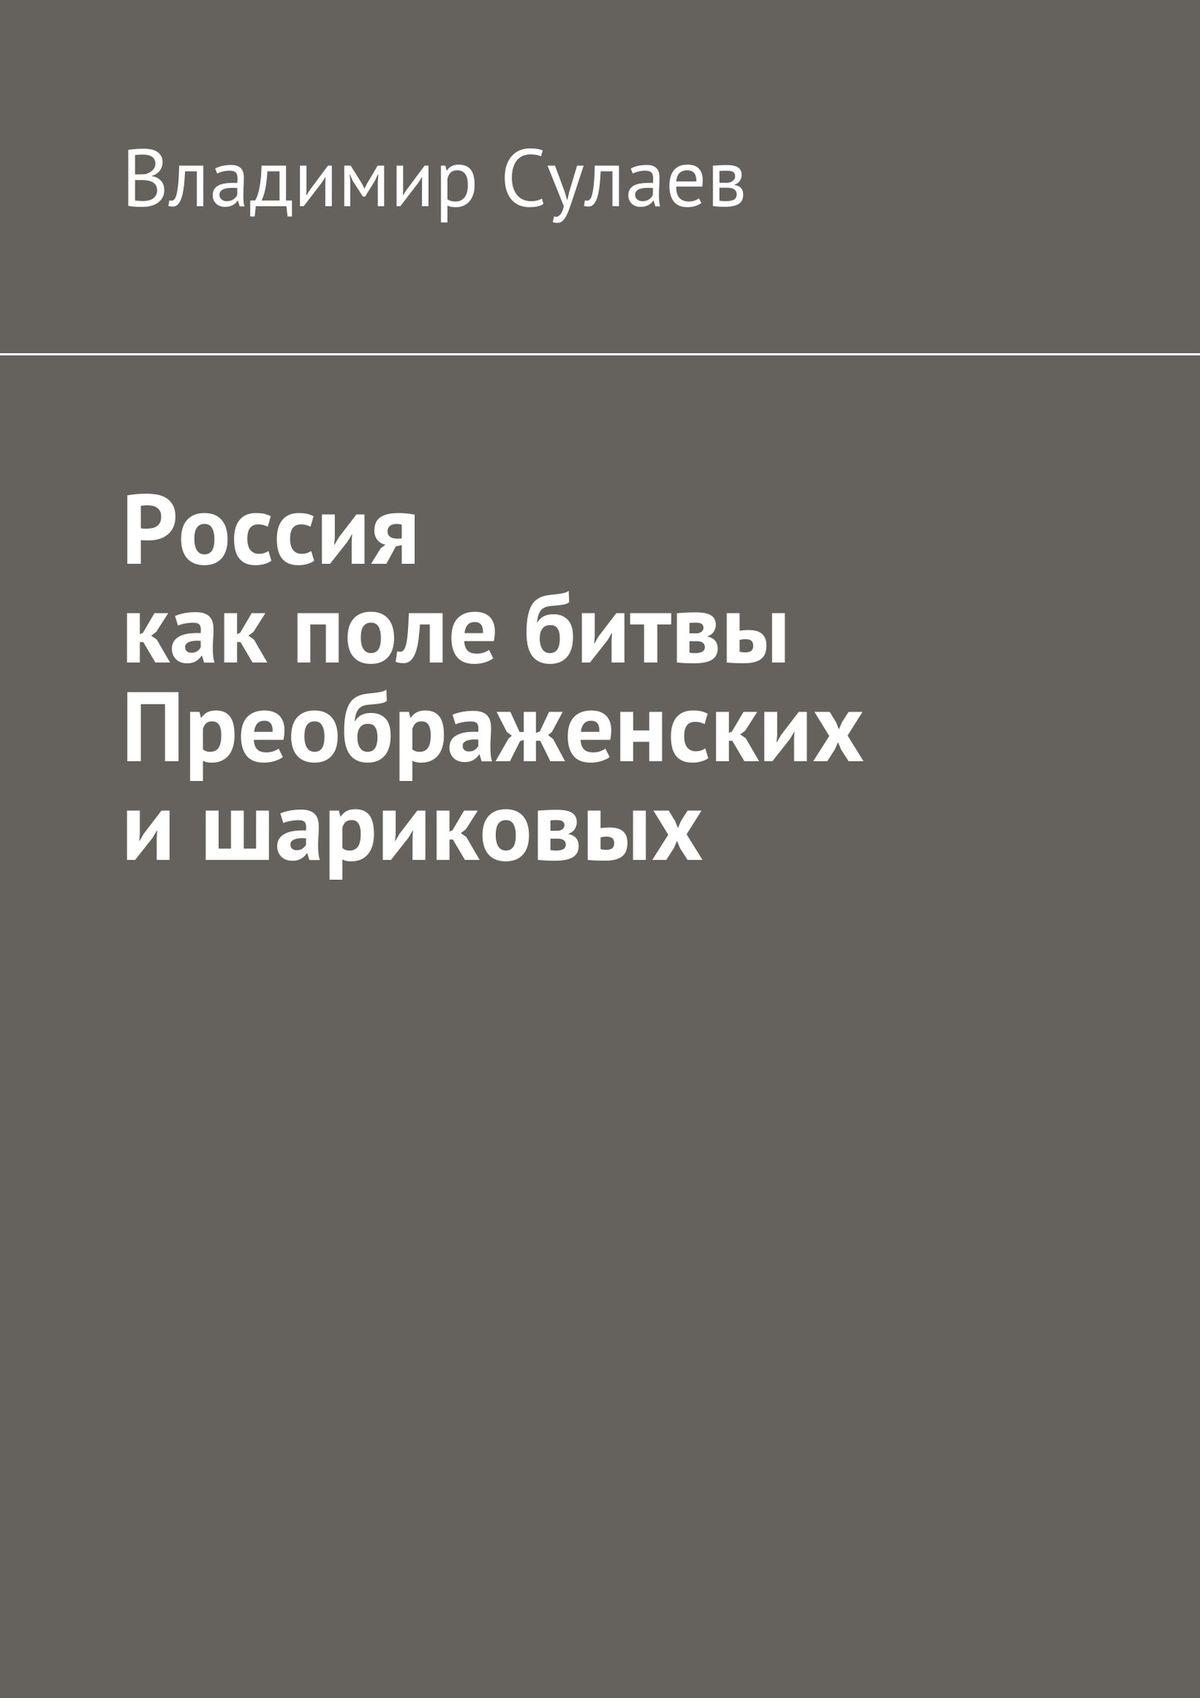 Владимир Валерьевич Сулаев Россия как поле битвы преображенских ишариковых